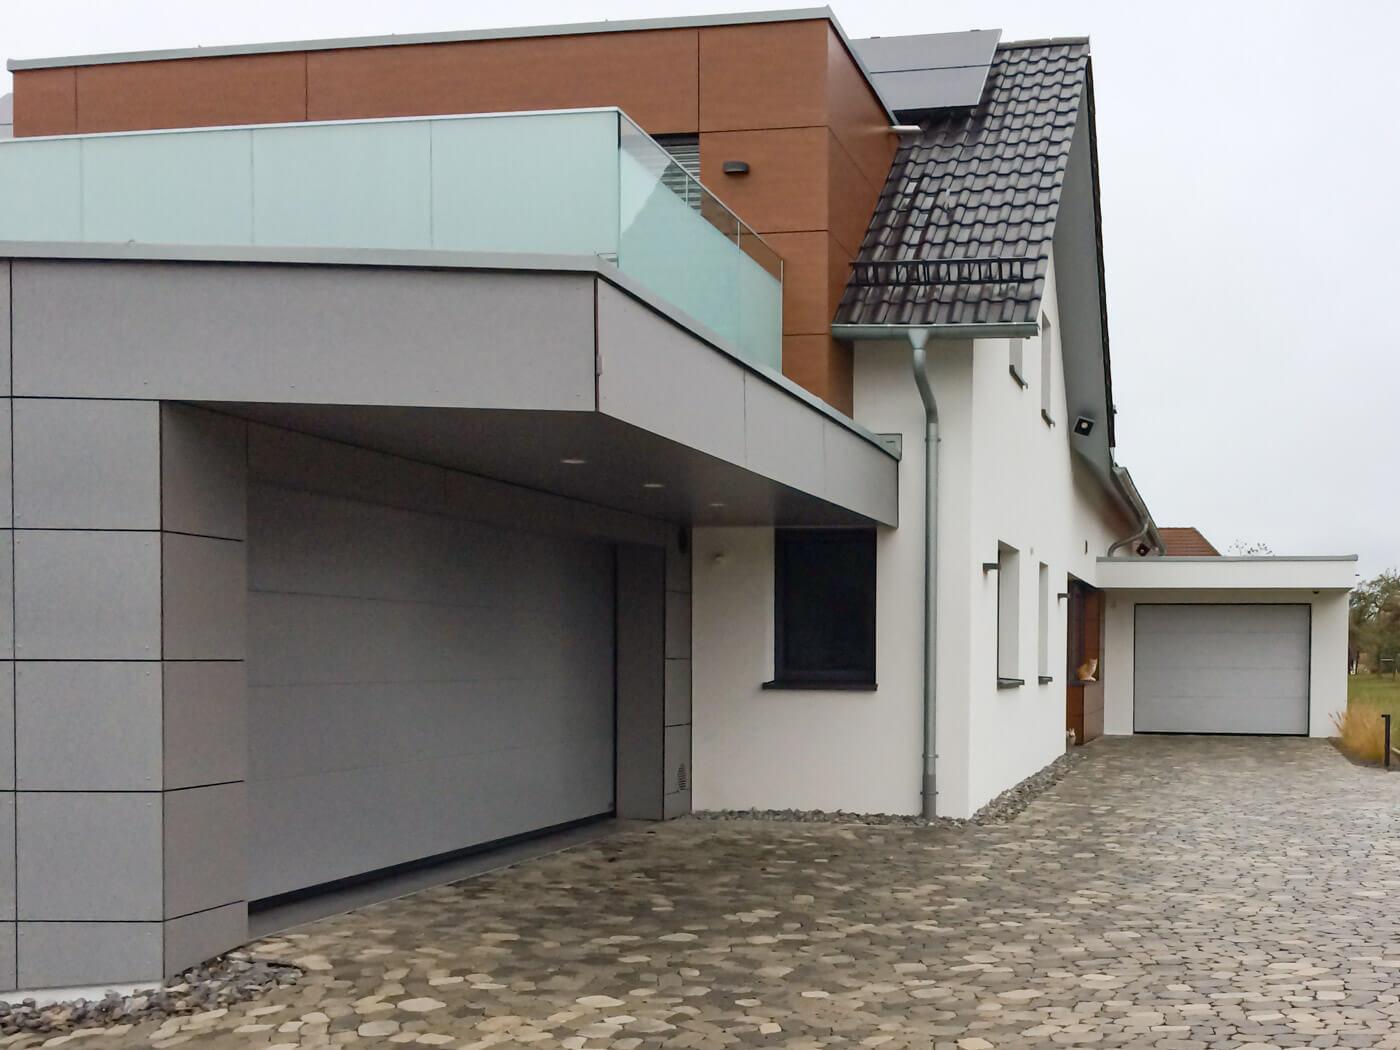 Einfahrt und Garagen